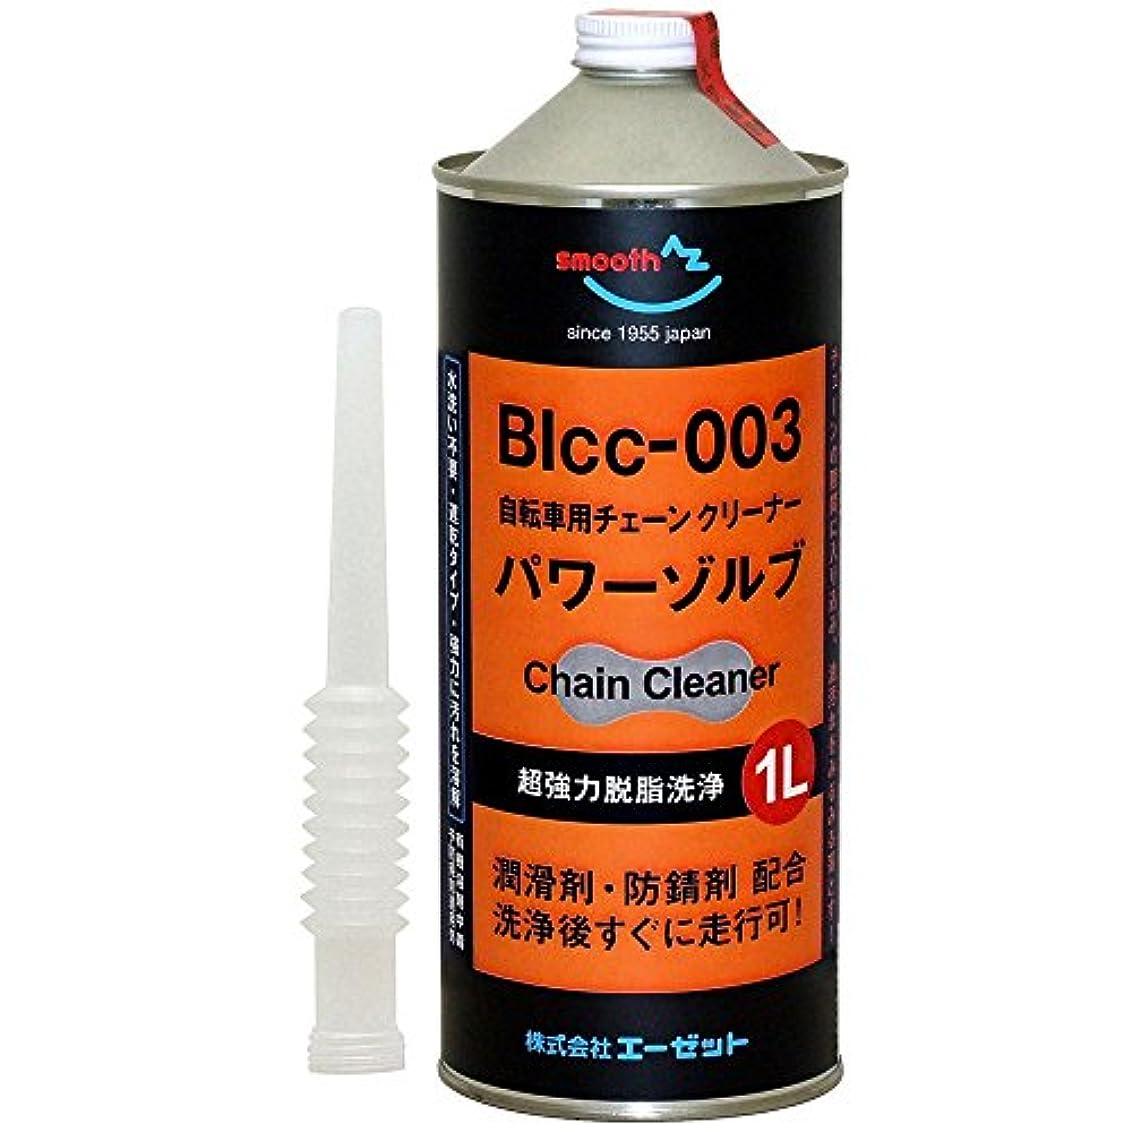 レンダリング乗り出す常にAZ(エーゼット) BIcc-003 自転車用 チェーンクリーナー パワーゾルブ 1L 【水洗い不要?潤滑兼用チェーンクリーナー】 AU310